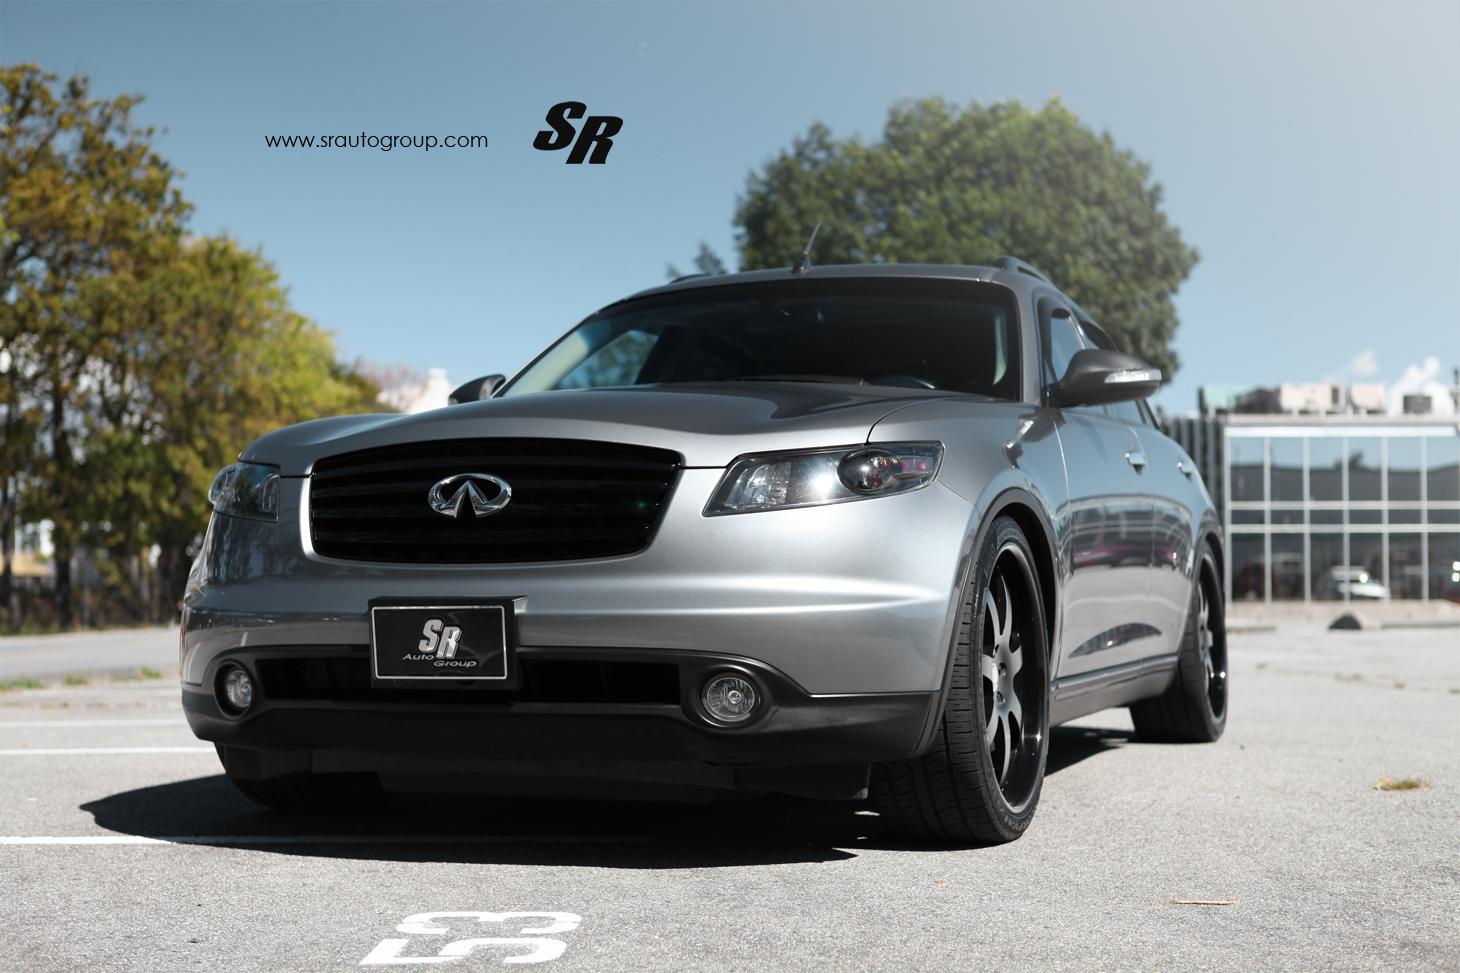 2012 Sr Auto Infiniti Fx35 Picture 73989